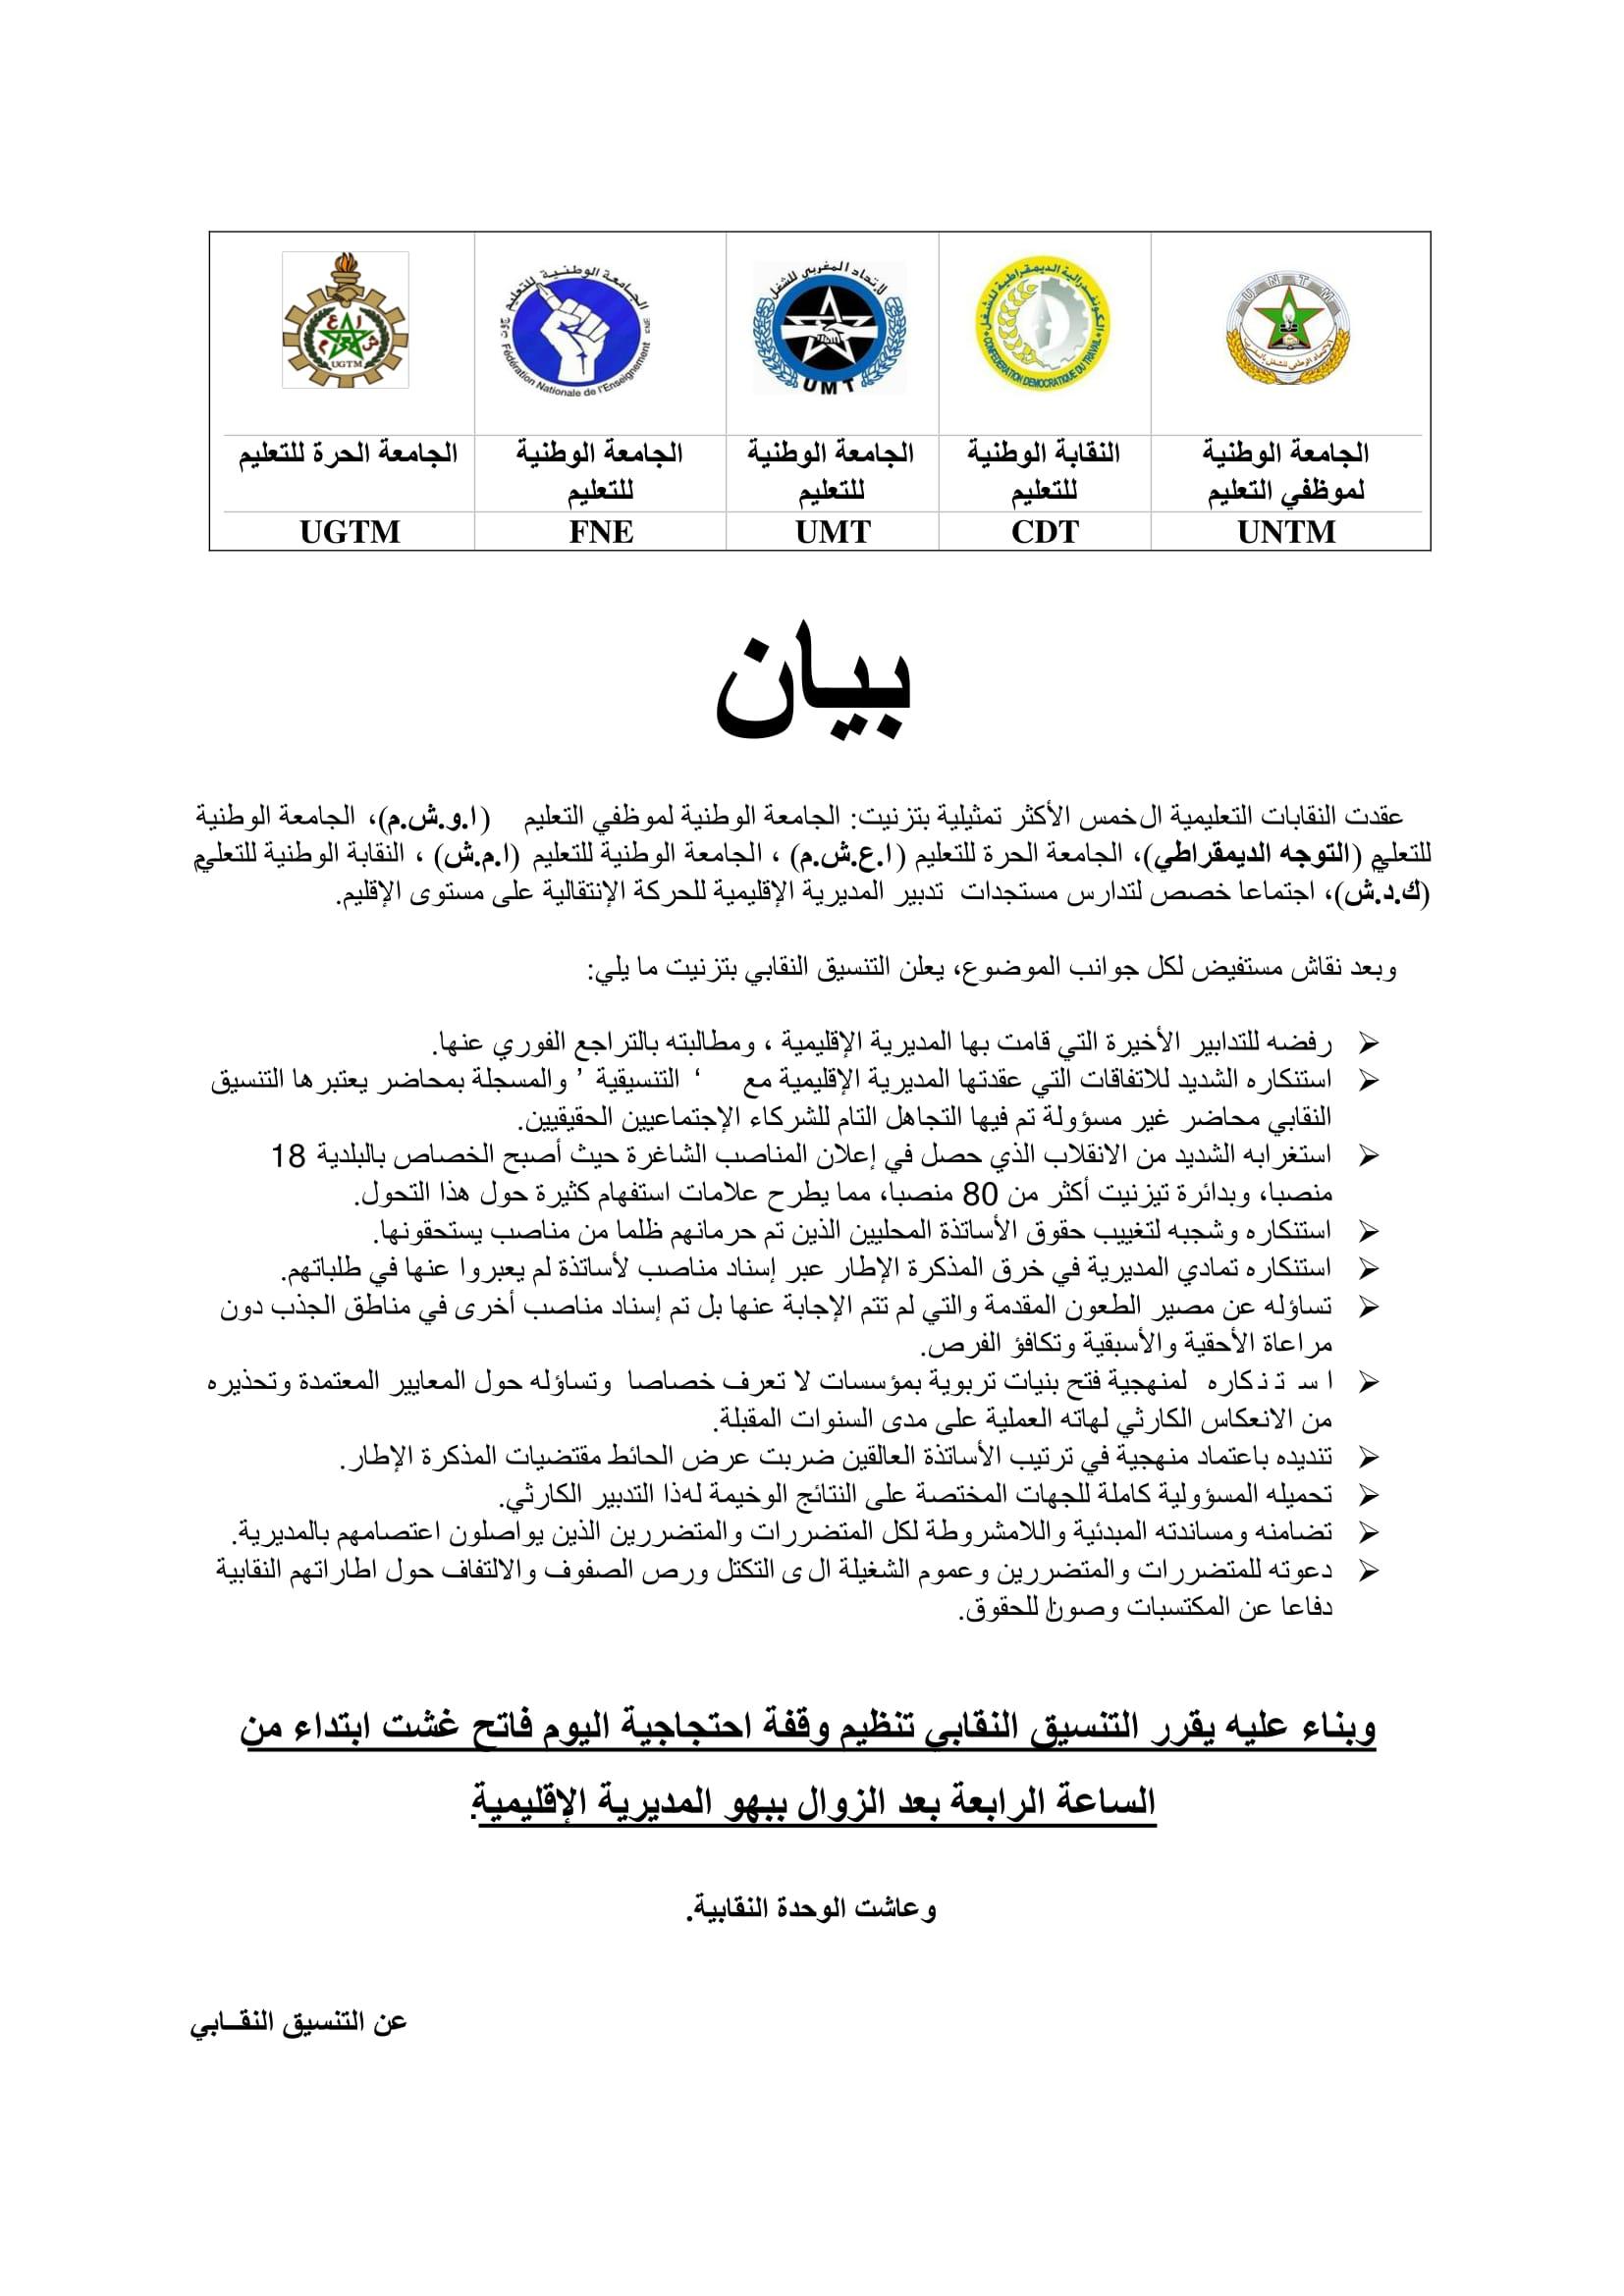 التنسيق النقابي بتيزنيت يصدر بيان فاتح غشت ويدعو لوقفة احتجاجية